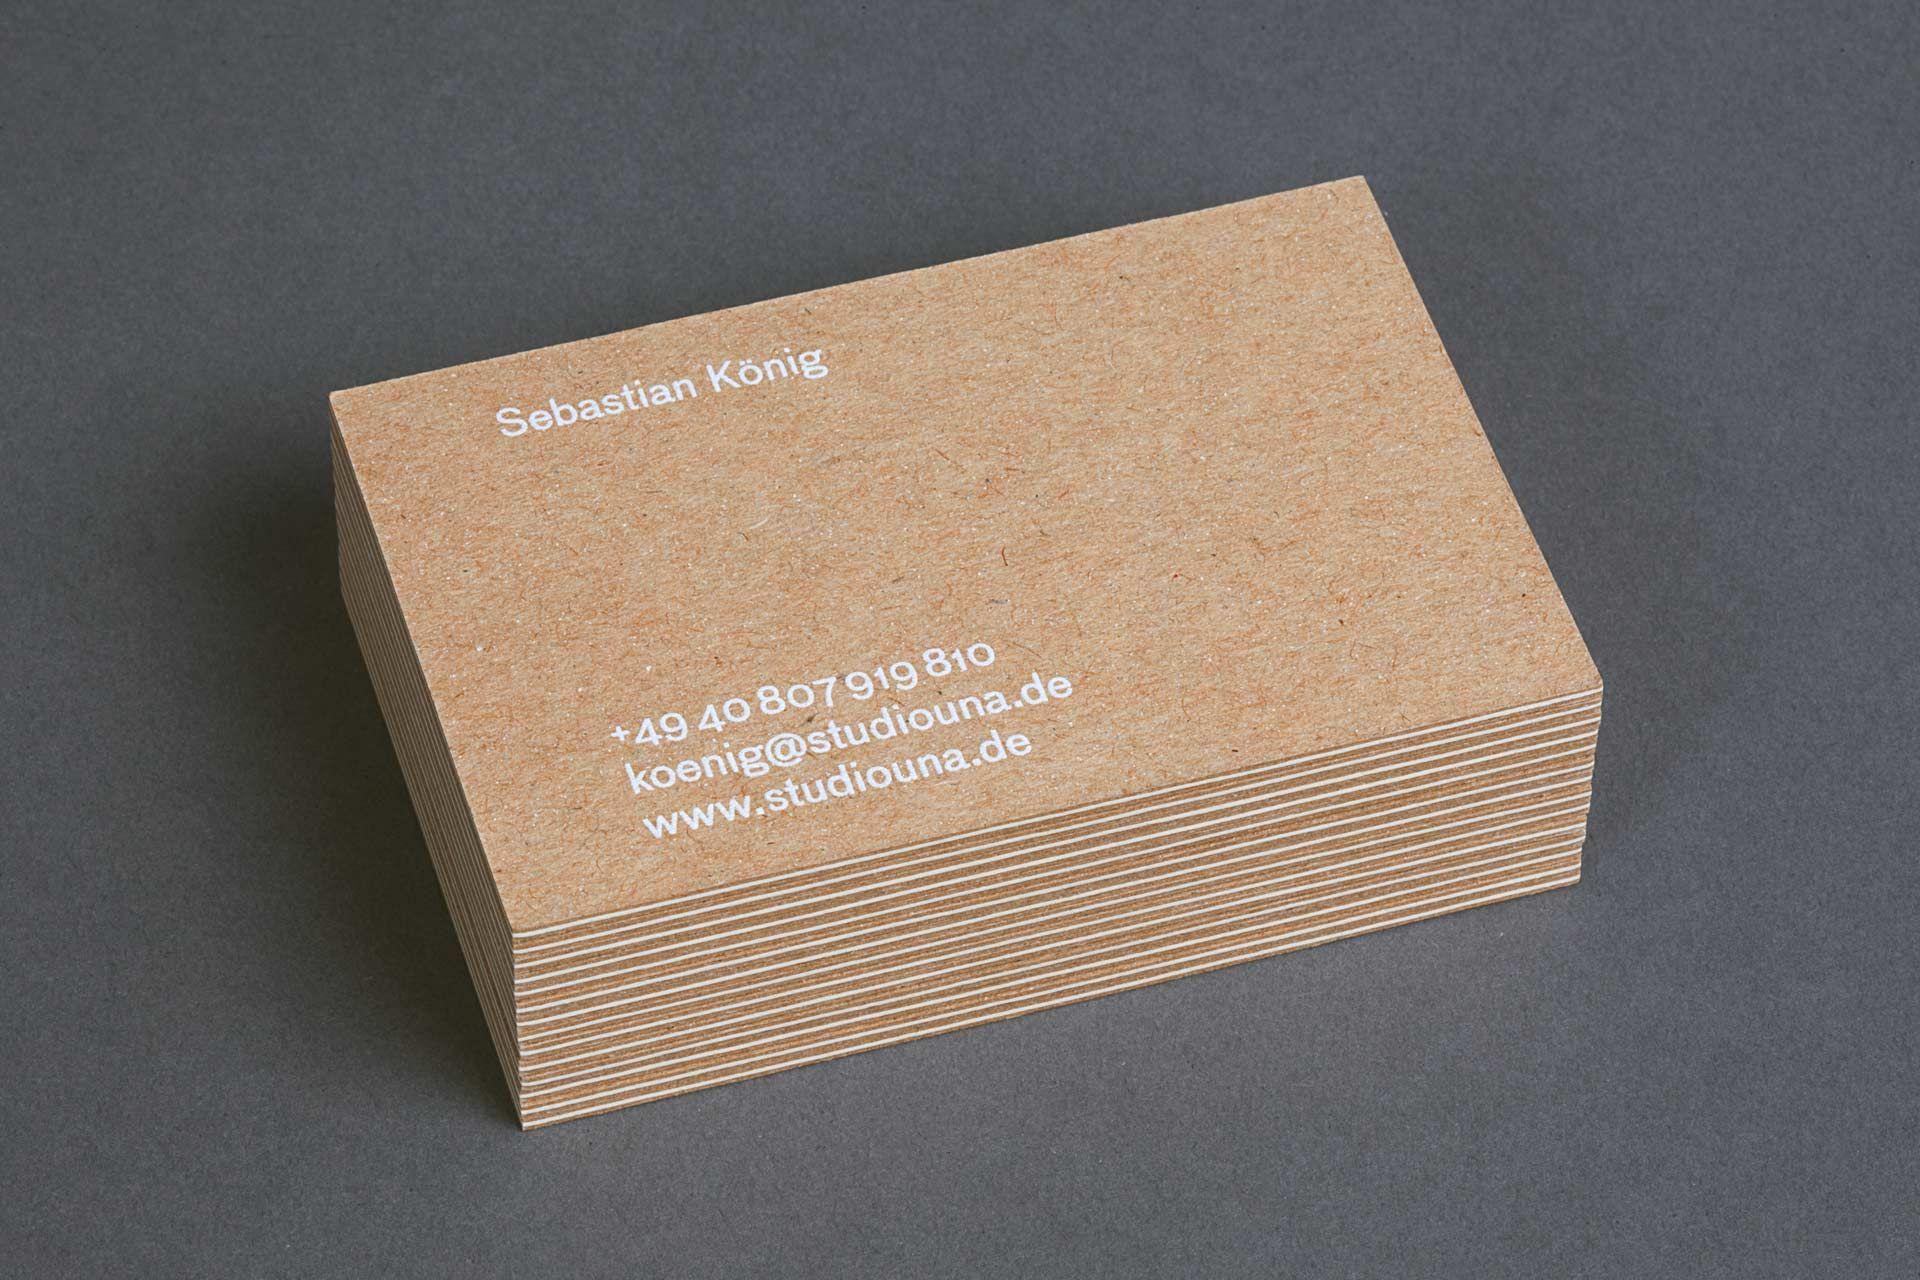 Studiouna Id 22 Print Visitenkarten Design